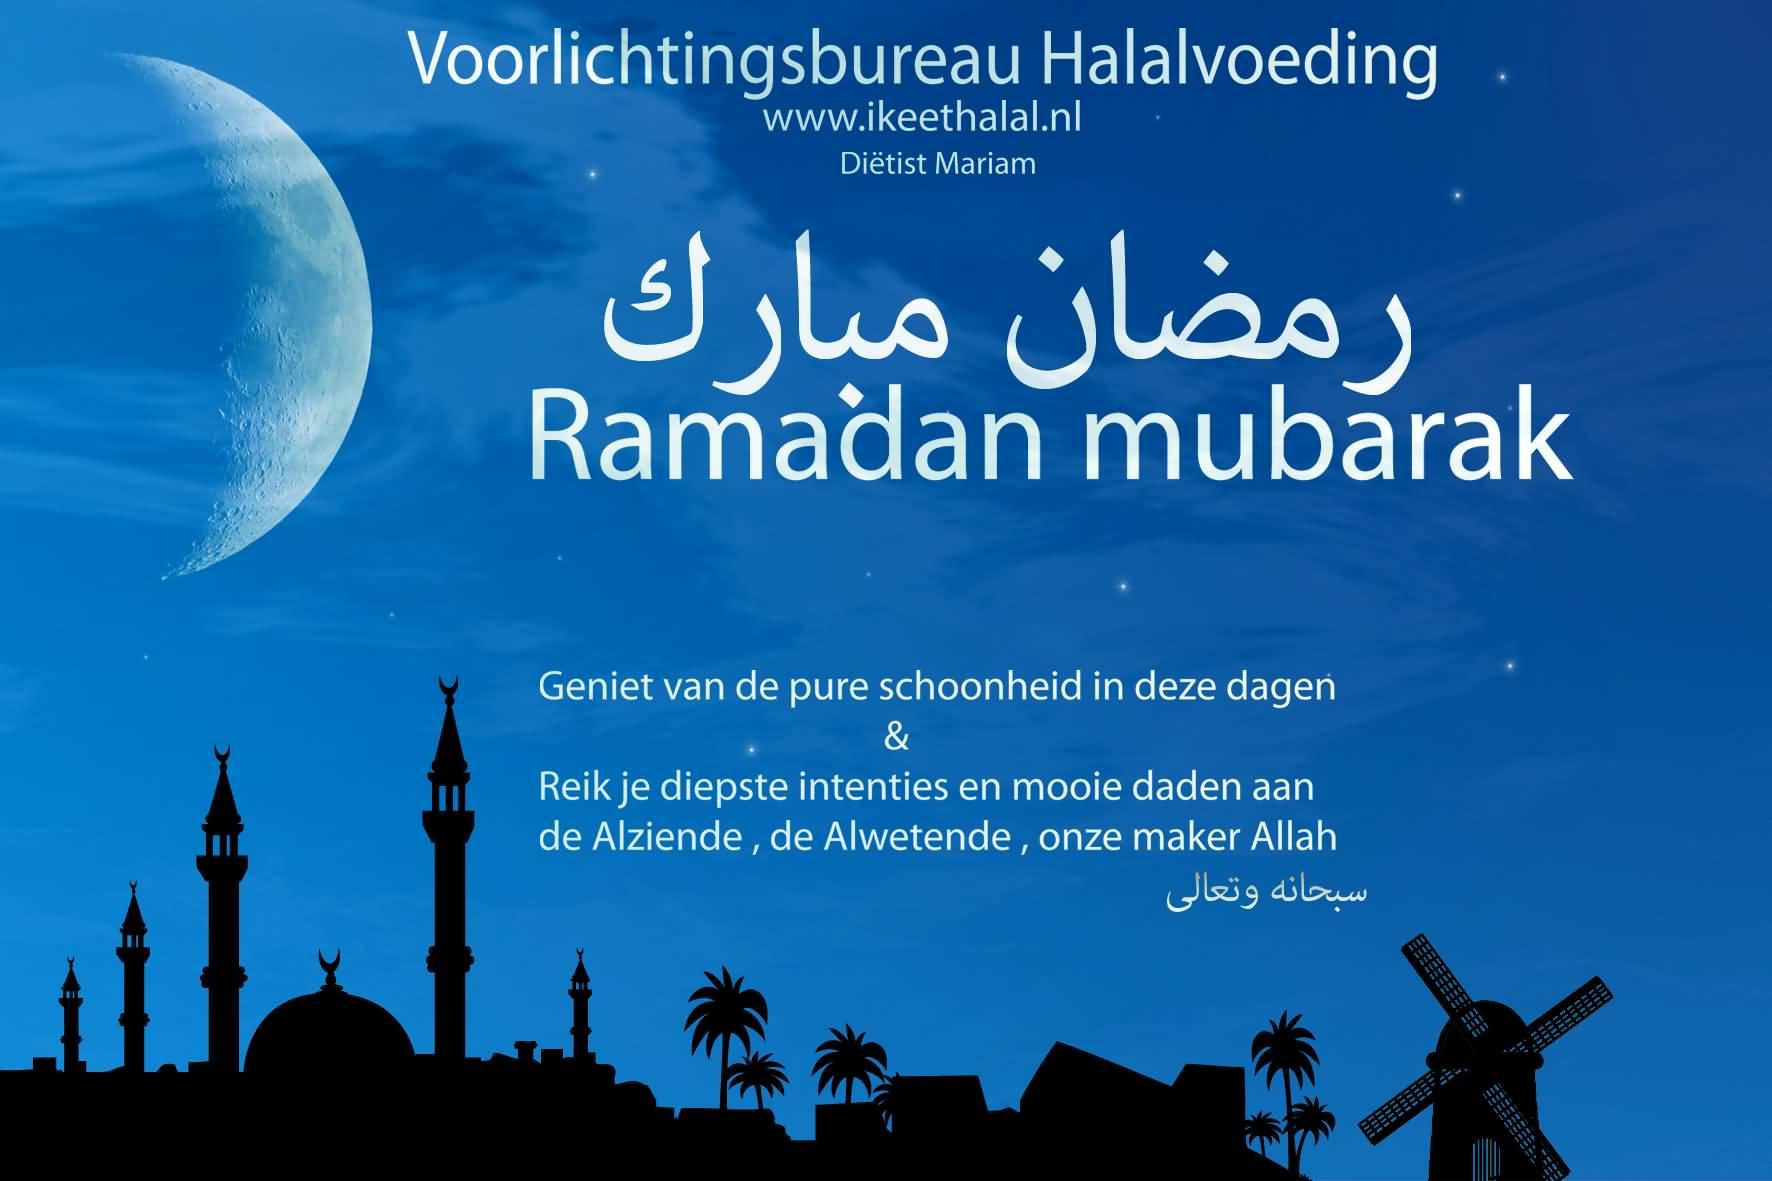 Поздравление на турецком в рамадан